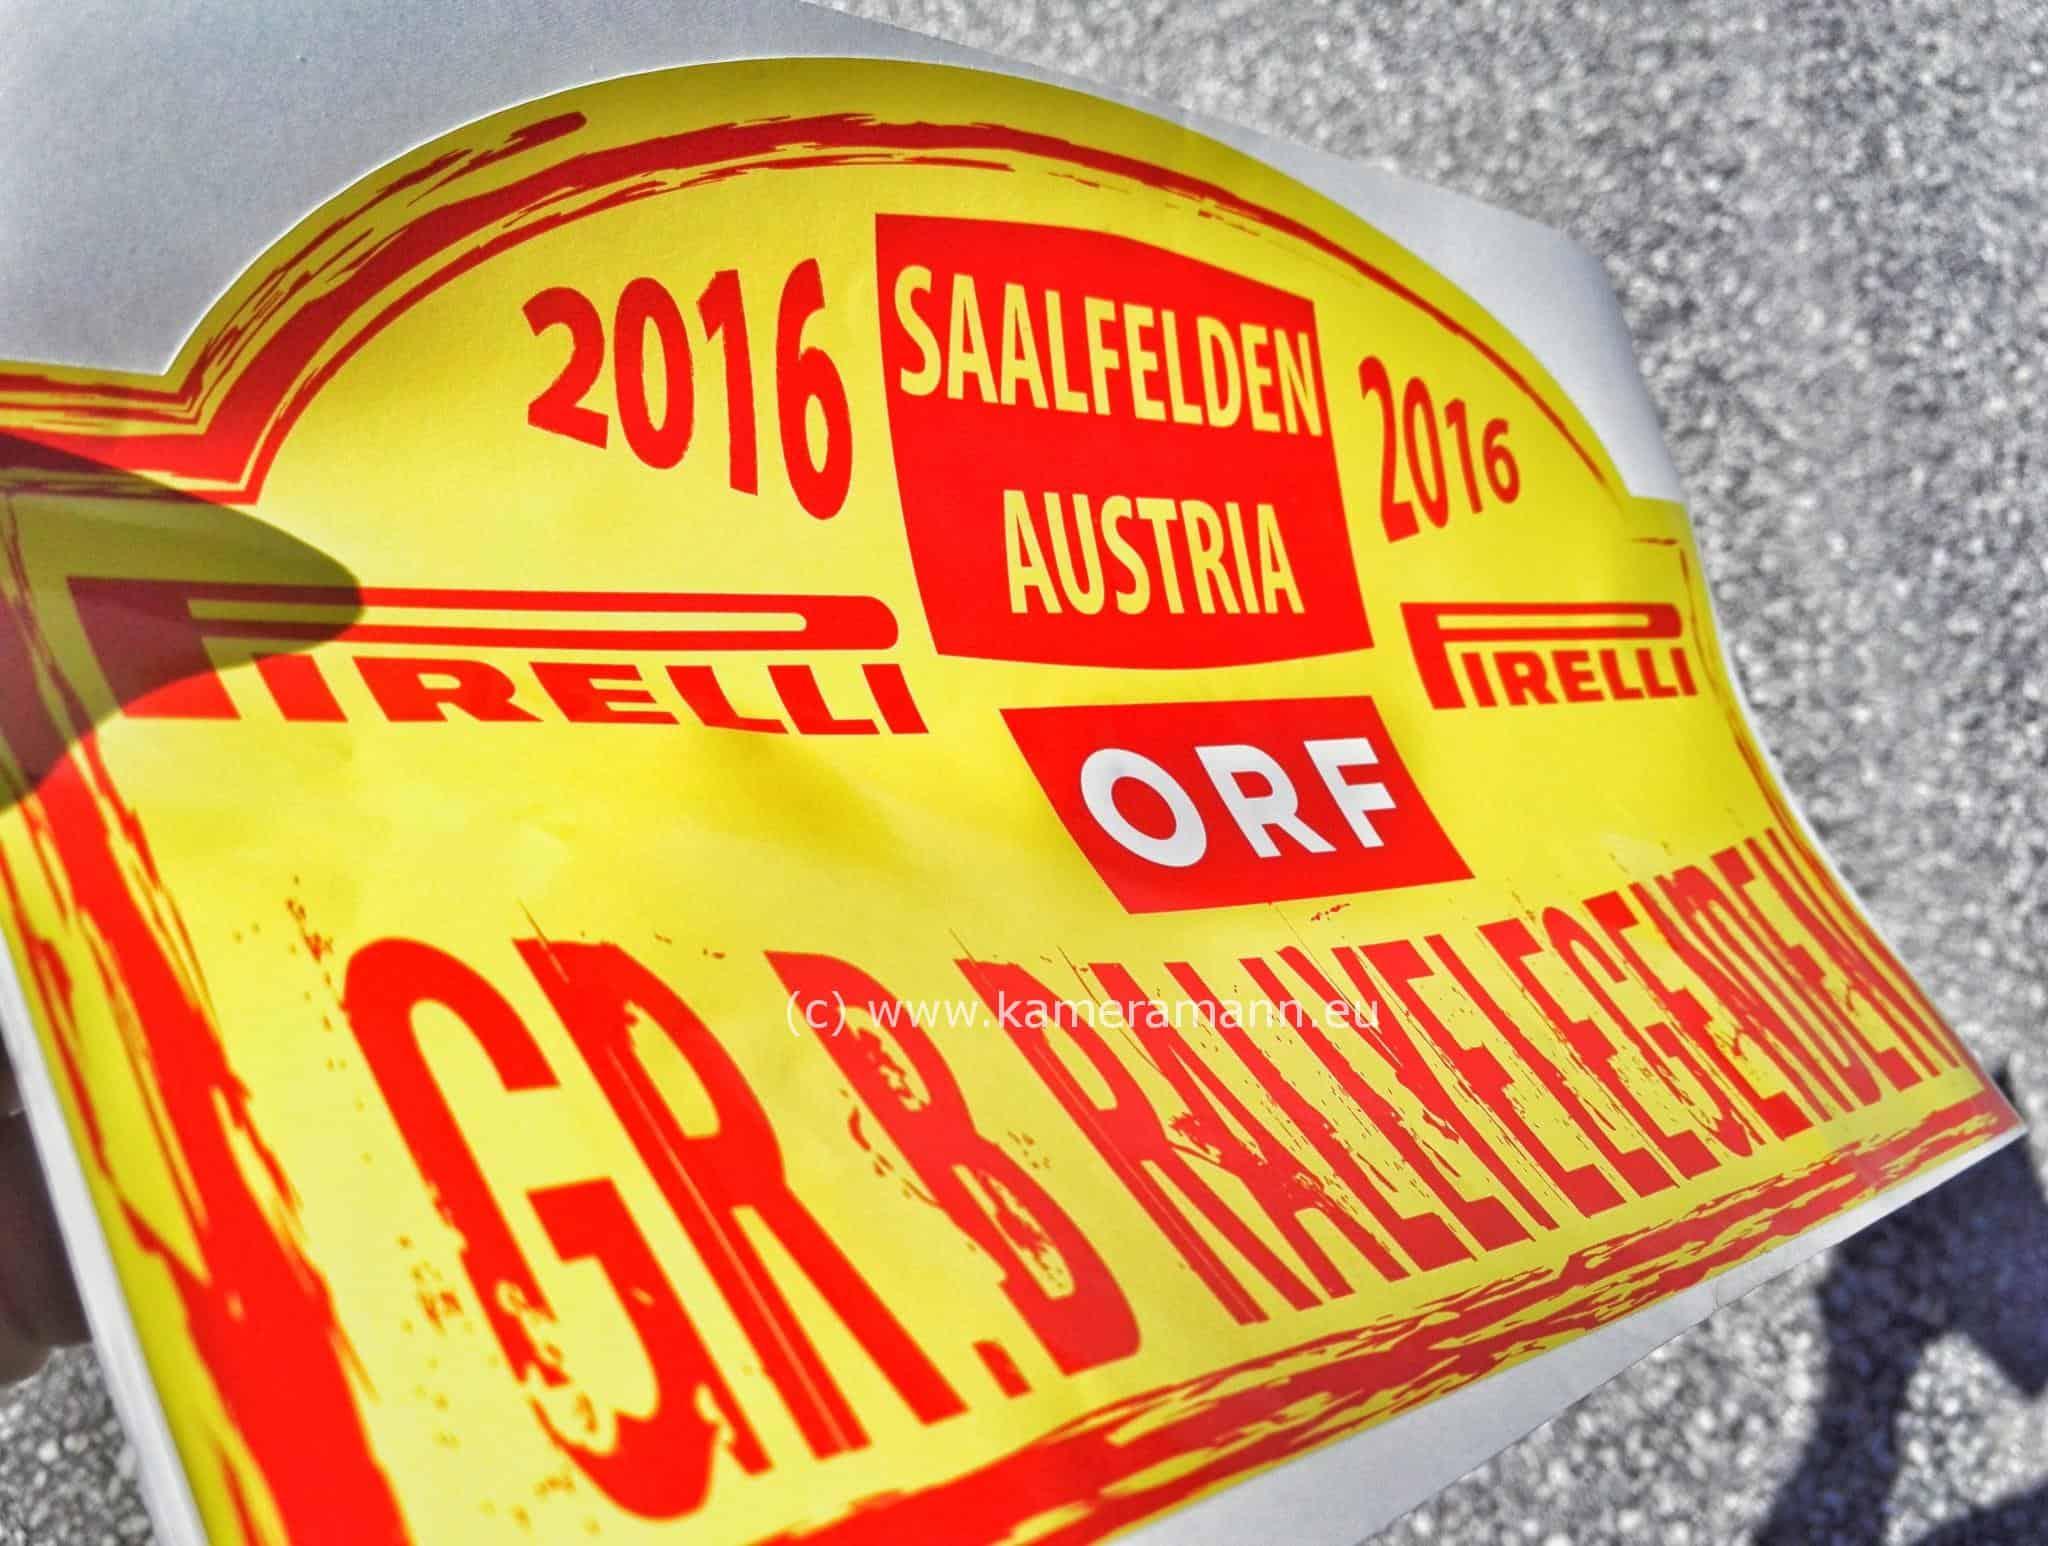 gruppe b rallyelegenden saalfelden - Rallyelegenden Saalfelden